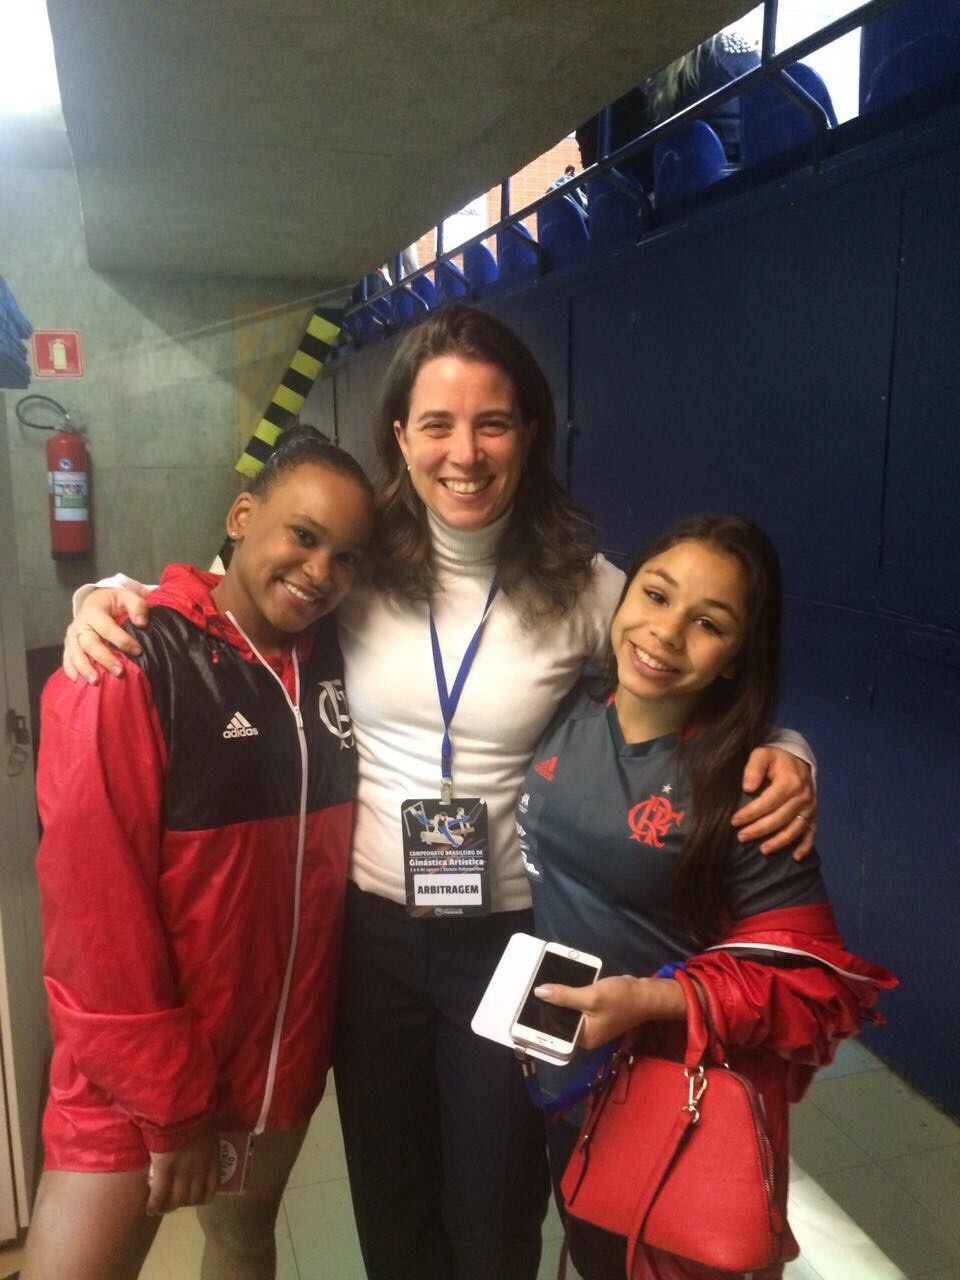 O Campeonato Brasileiro de Ginástica Artística contou com a presença da nossa professora Giovana, como árbitra!